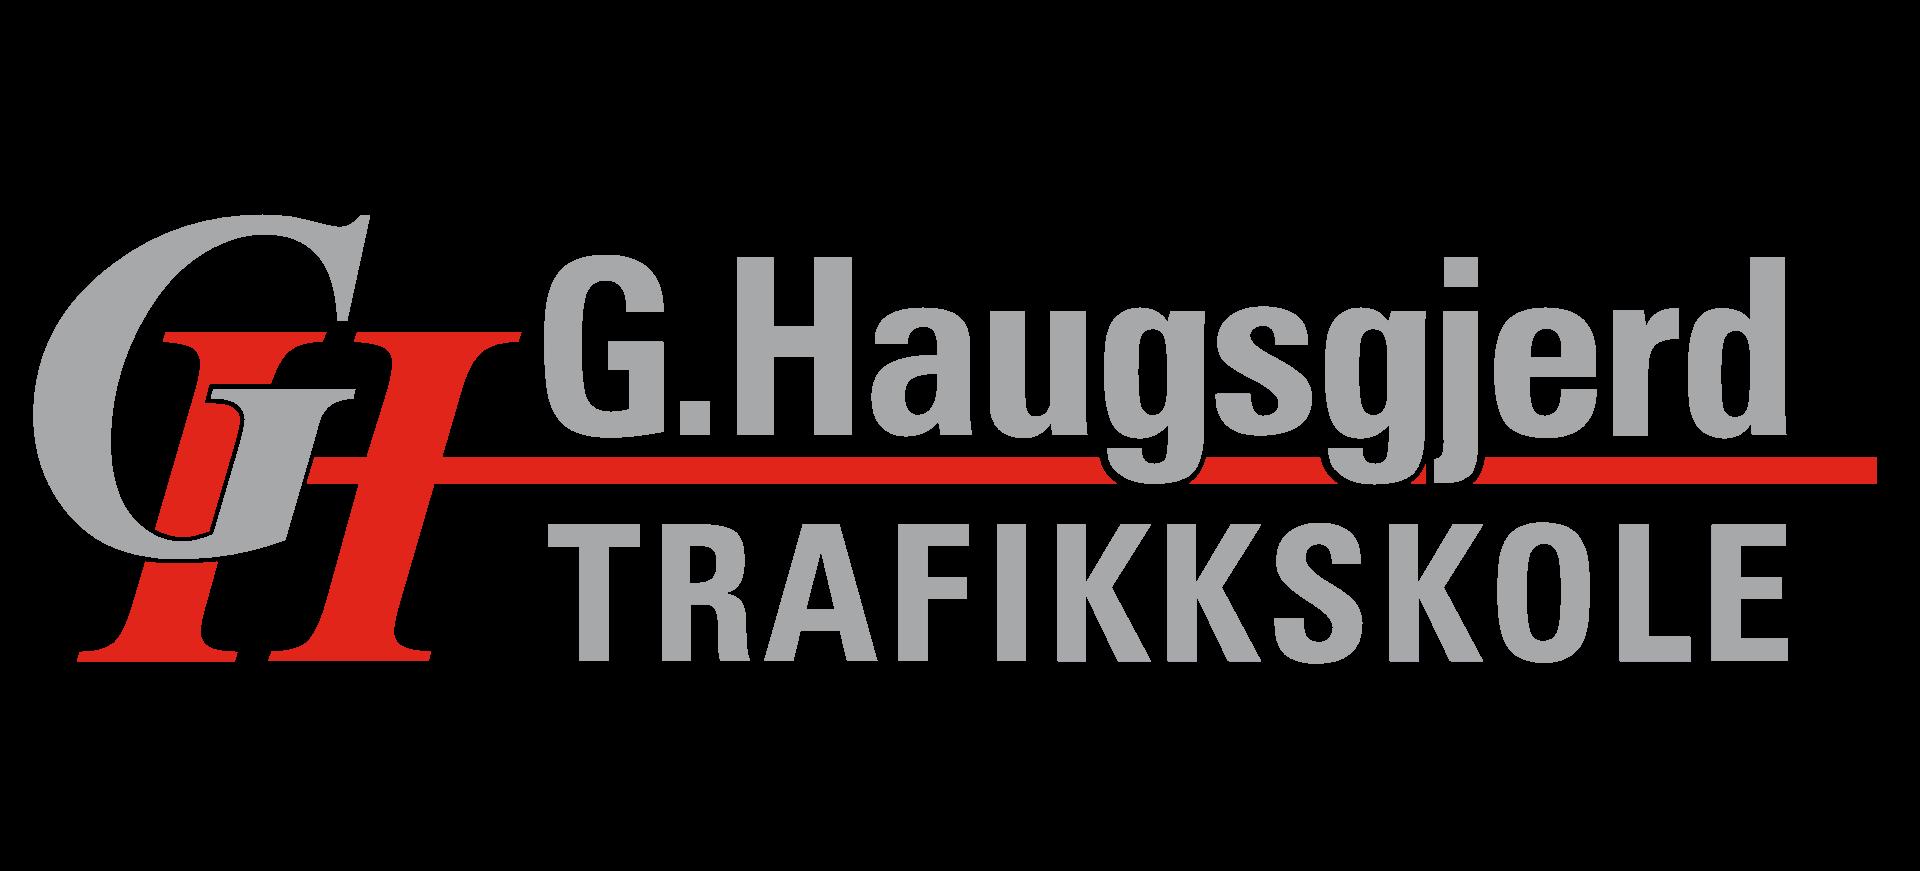 Haugsgjerd Trafikkskole